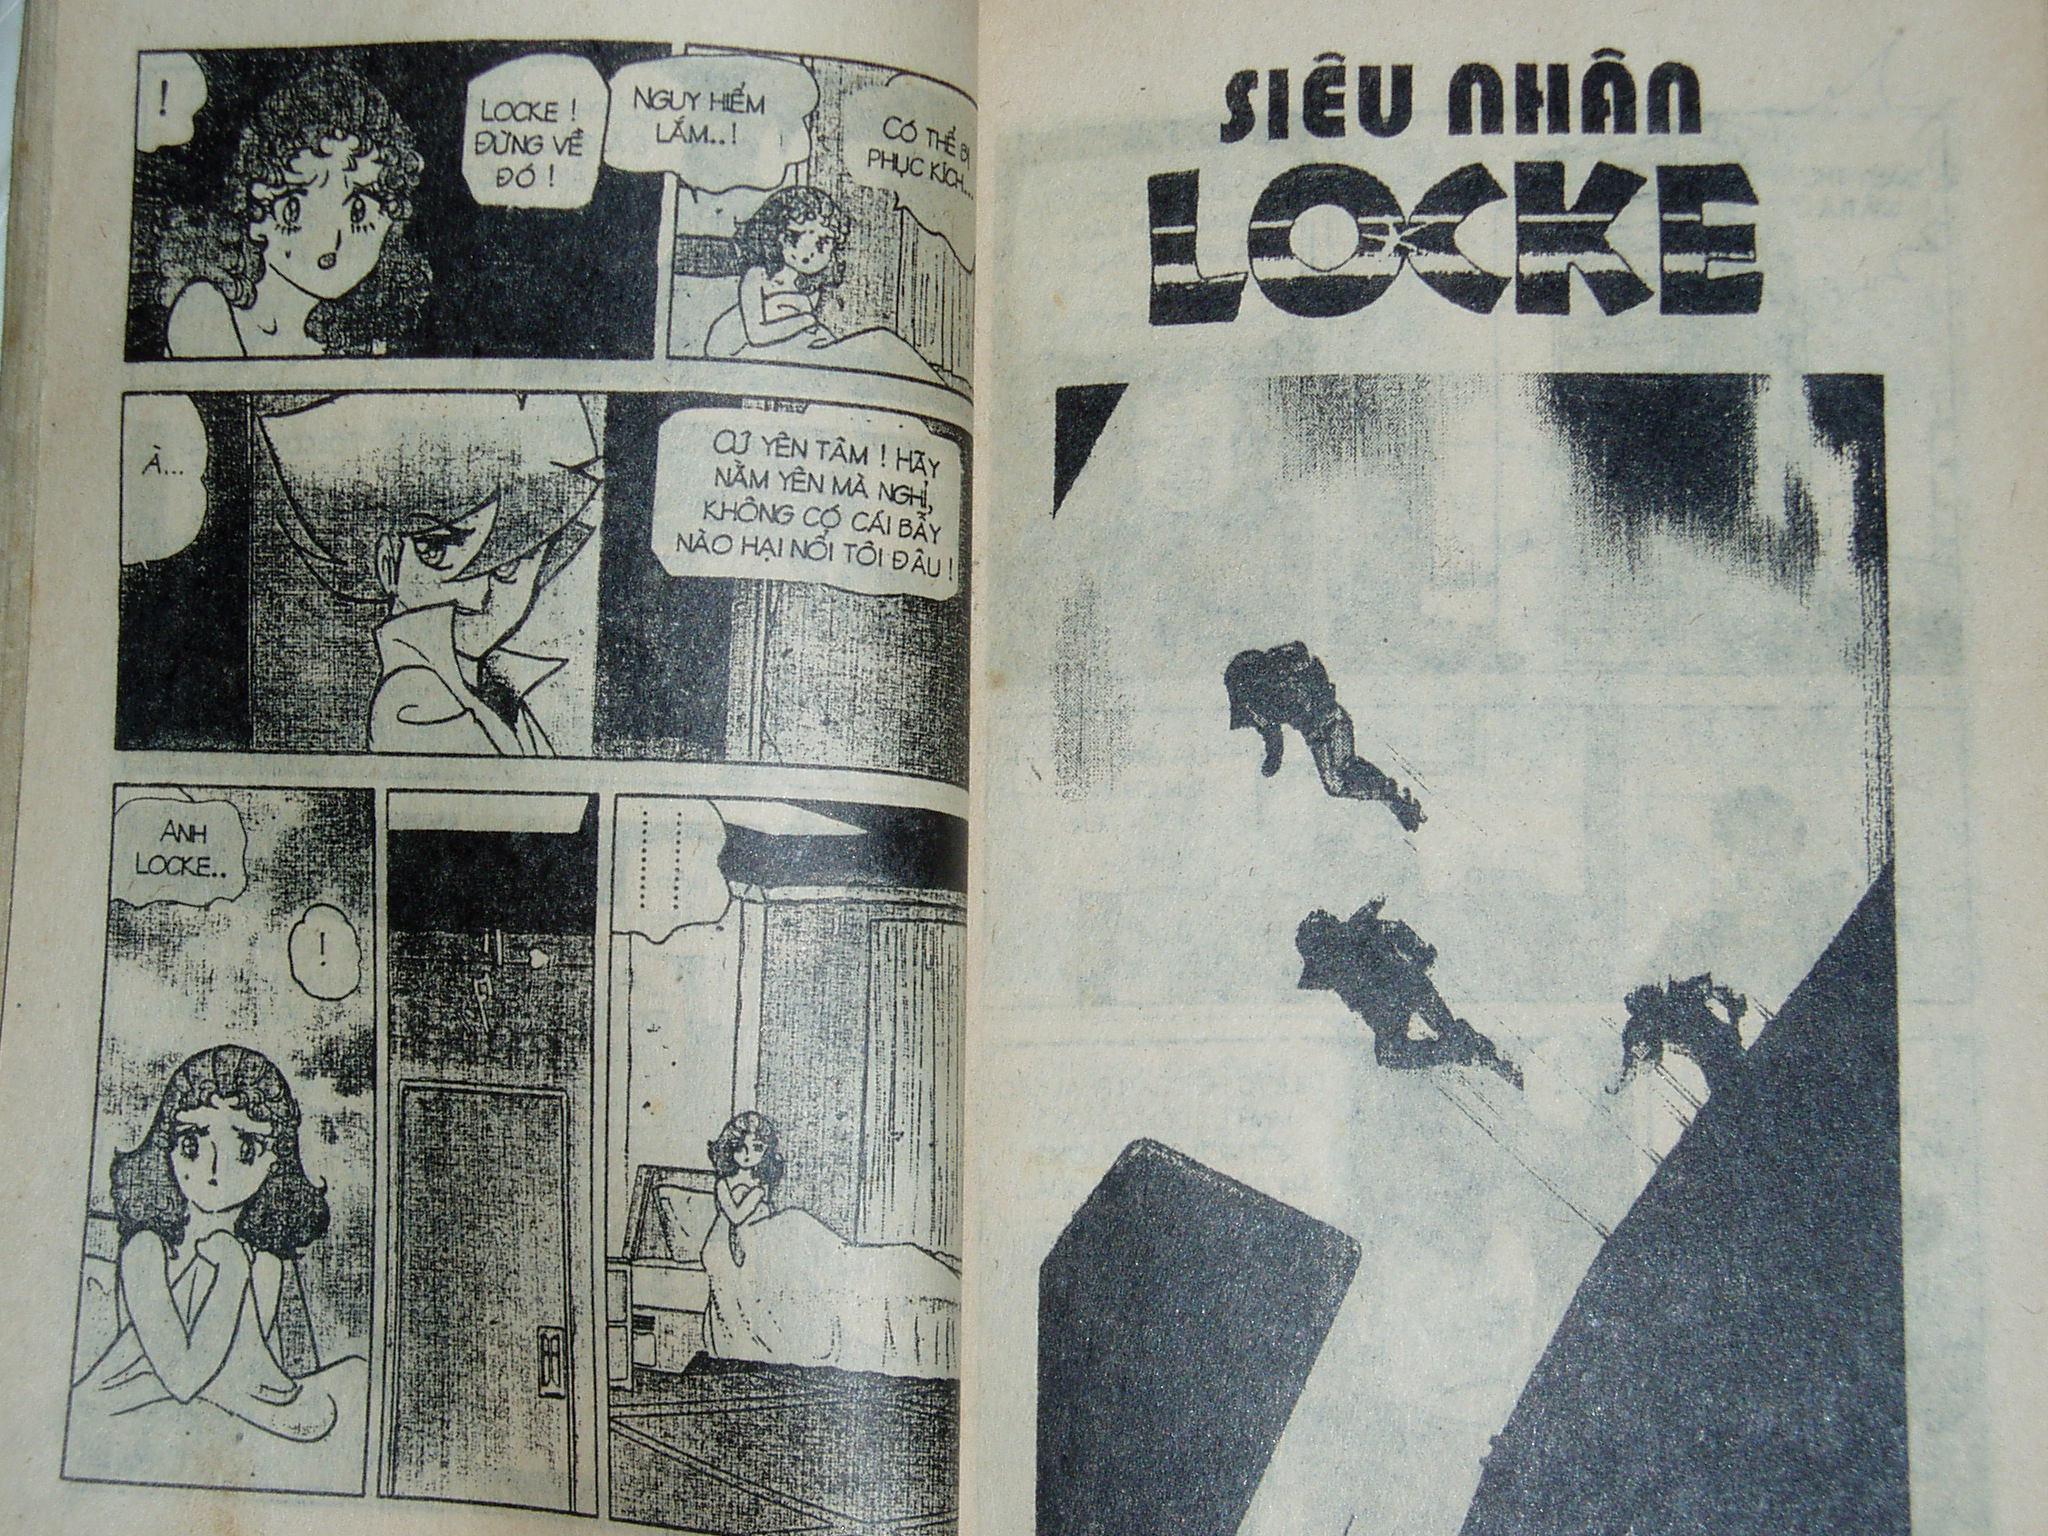 Siêu nhân Locke vol 16 trang 28